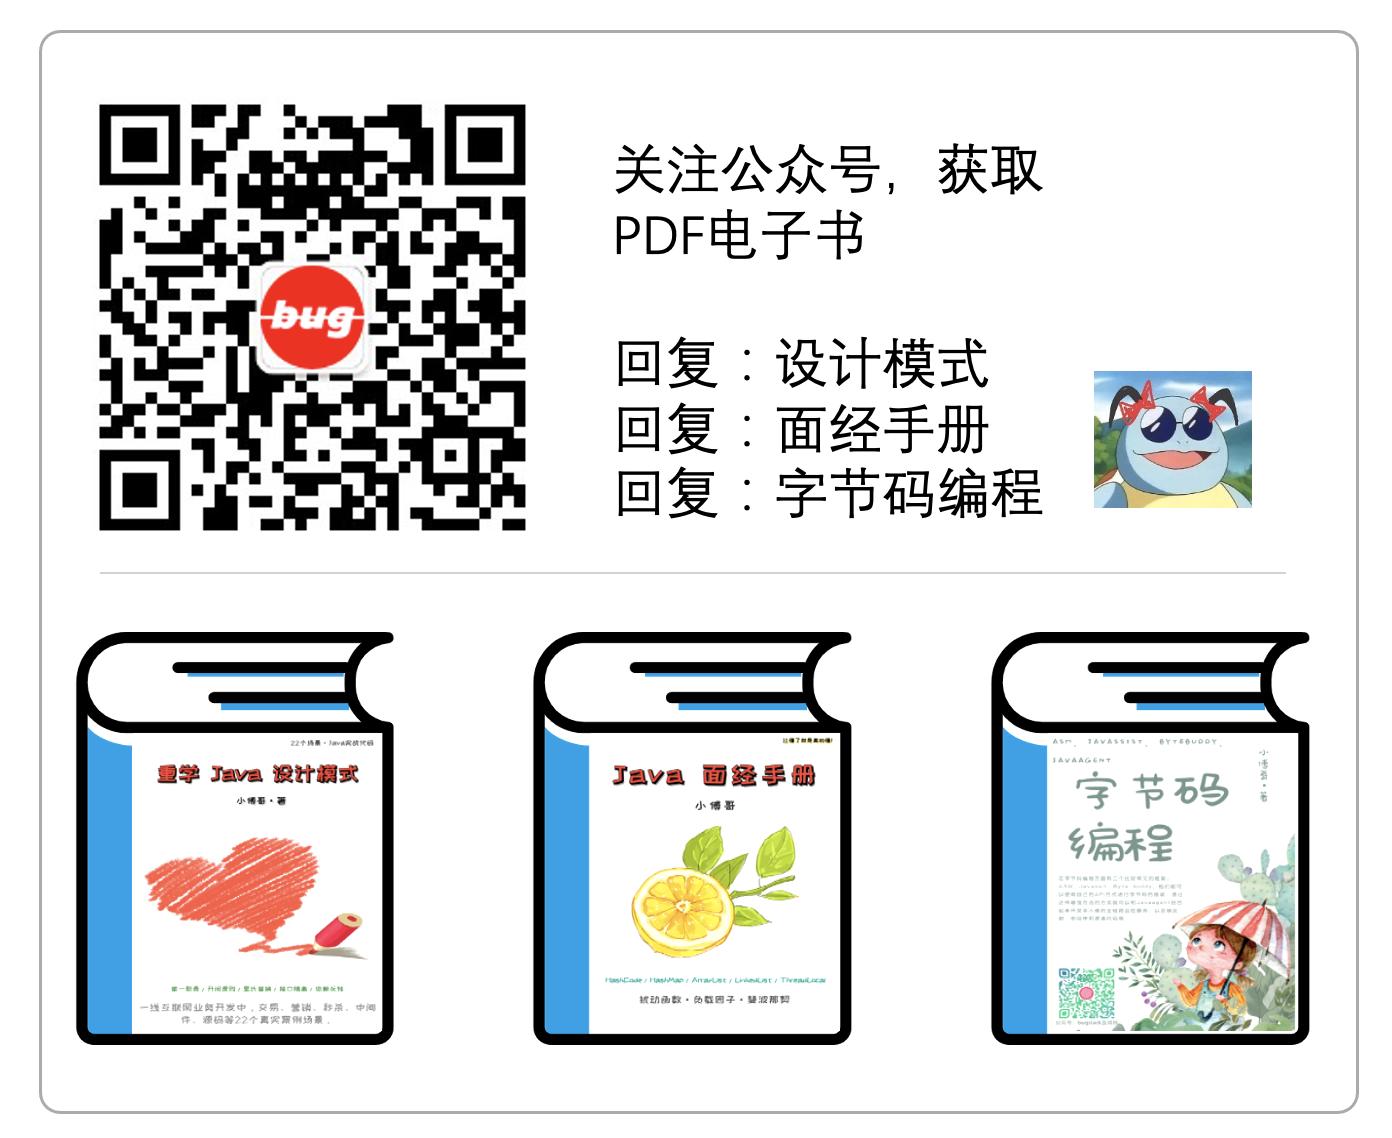 三本PDF:设计模式、面经手册、字节码编程